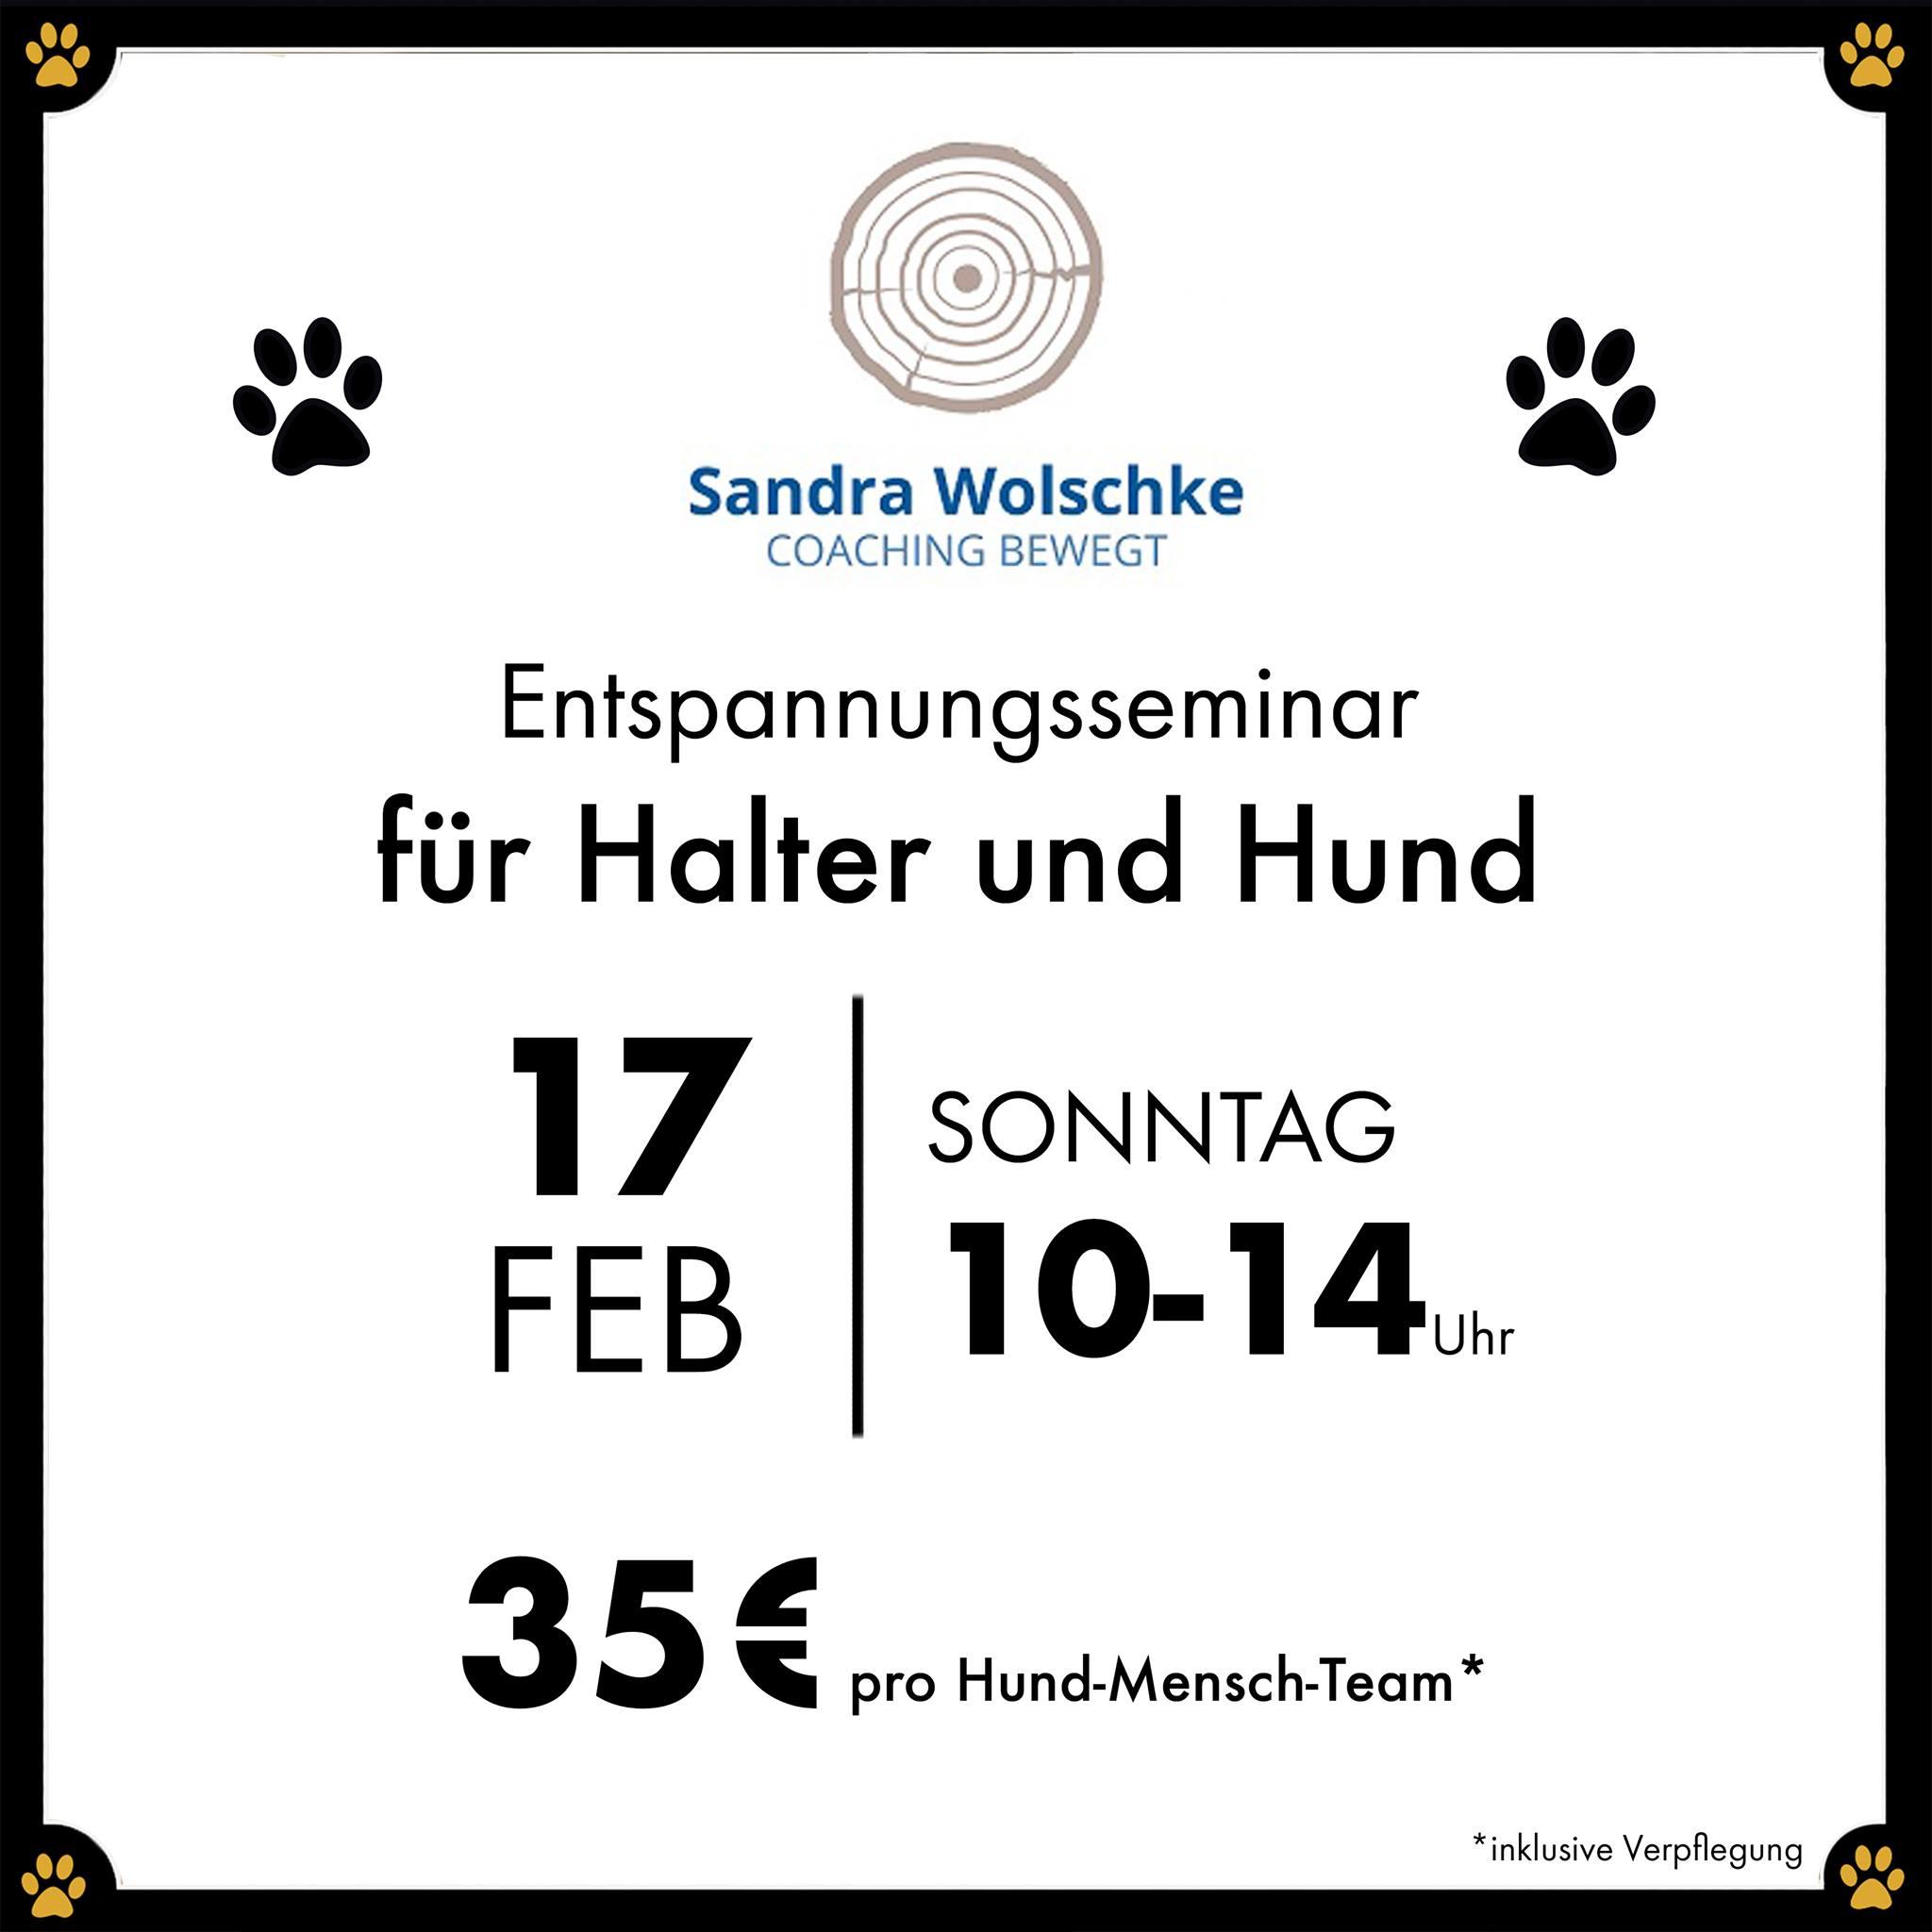 Entspannungsseminar für Halter und Hund - Ist Frauchen oder Herrchen gestresst, so findet der Hund ebenfalls keine Ruhe!🐾 Am Sonntag, den 17.02.2019, haben Sie die Chance Achtsamkeit zu erlernen, um auch Ihrem Hund beizubringen wie Entspannung funktioniert.🧘🏻♀️ Im Entspannungsseminar für Halter und Hund zeigt Ihnen Coach Sandra Wolschke, welche zudem examinierte Kinderkrankenschwester und Heilpraktikerin ist, den Mensch-Hund-Teams was Achtsamkeit im Leben mit dem Hund verändern kann und wieso sich dadurch die Bindung zum vierbeinigen besten Freund verstärkt.💛 In dem Entspannungskurs erfahren Sie außerdem mehr über:Entspannung für Halter und Hund - dazu gehört die Stressbewältigung durch Achtsamkeit und modernes Zeitmanagement.🕐 Das kann Ihnen beim Gassi gehen passieren, wenn Ihr Hund falsch reagiert und Sie durch Ihre eigene Stressreaktion die Situation verschärfen. Gerade dann wäre es doch besser ruhig und gelassen zu reagieren, denn dieses Verhalten überträgt sich auch auf Ihren Hund. 💪🏻Umgekehrt funktioniert das natürlich genauso. Wenn Sie nach einem gestressten Arbeitstag nach Hause kommen und Ihr Vierbeiner Sie freudig, mit liebevollem Blick und wedelndem Schwanz empfängt geht es Ihnen gleich viel besser.🤩 In dem Entspannungsseminar wird Ihnen die Wechselbeziehung zwischen Halter und Hund aufgezeigt, damit Sie lernen zukünftig achtsamer mit Ihnen und Ihrem Hund umzugehen.🧘🏻♂️